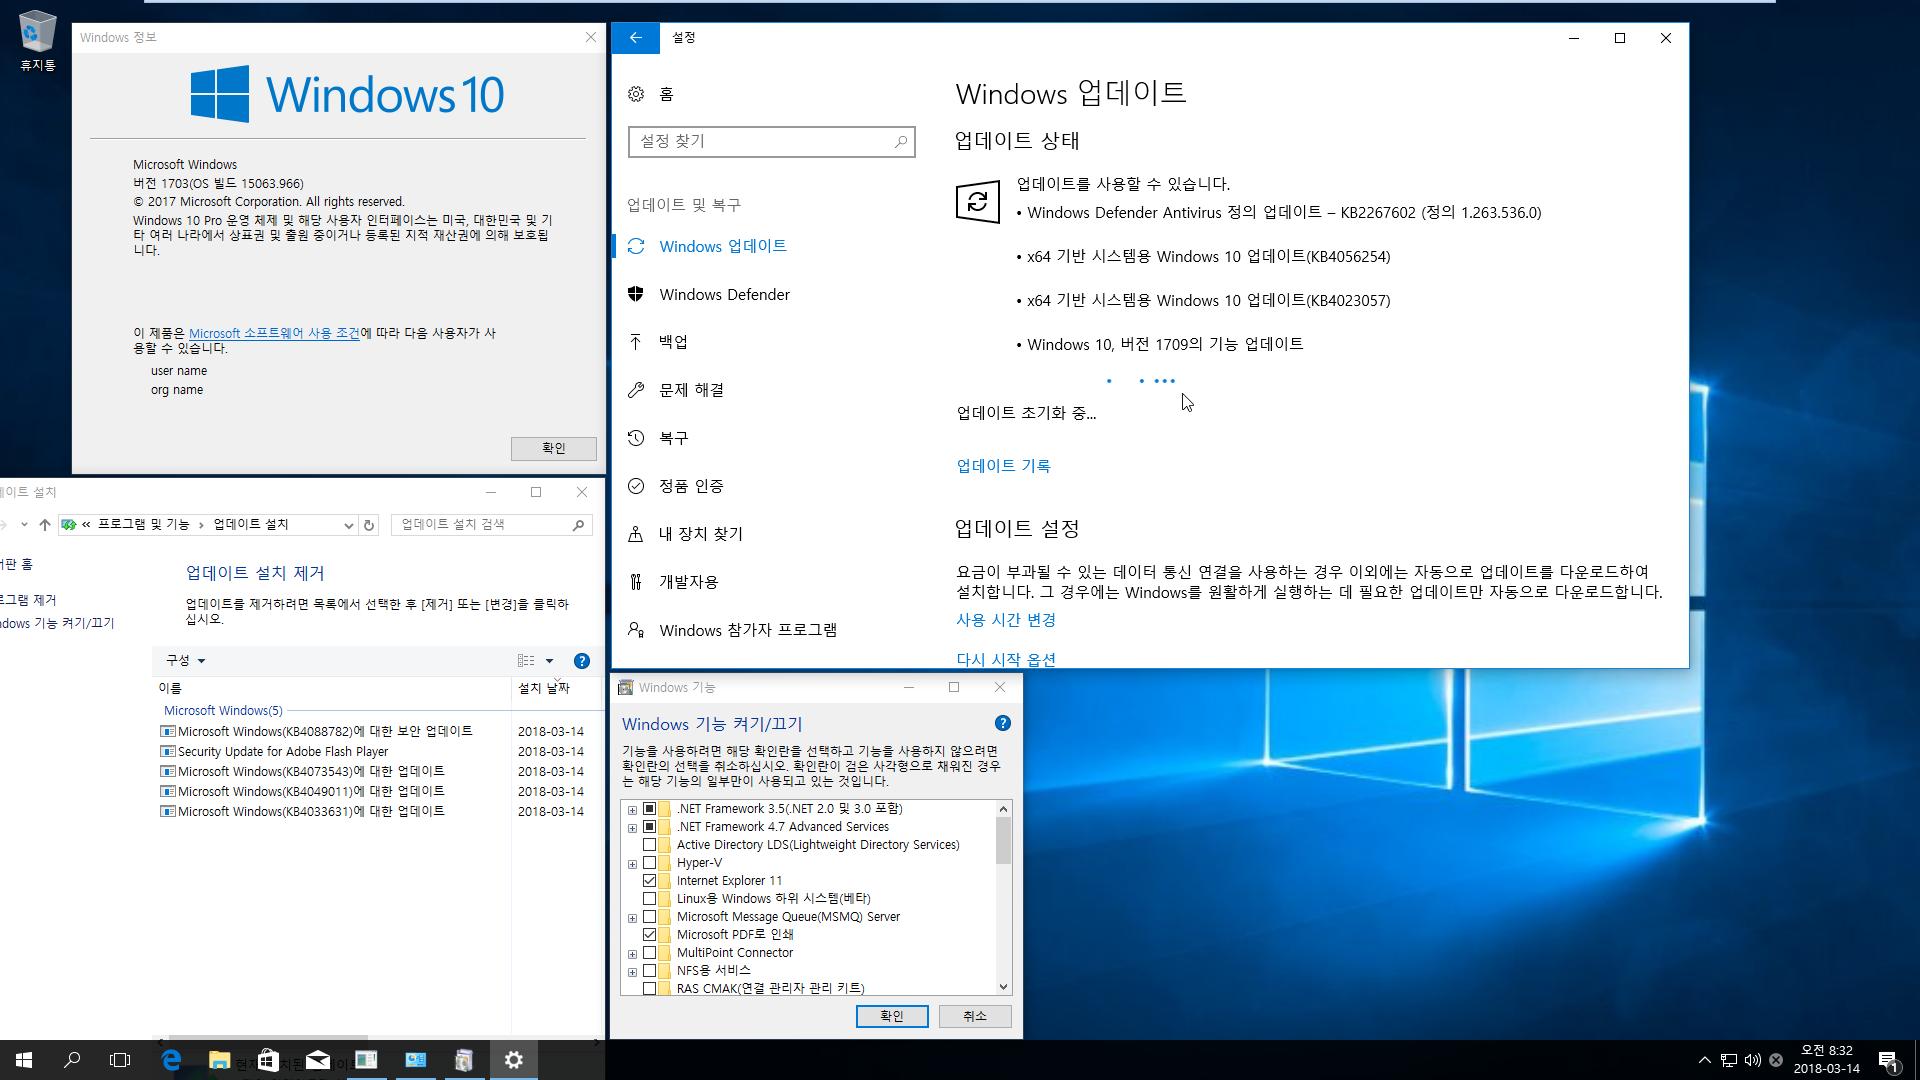 2018년 3월 14일 정기 업데이트 나왔네요 - 윈도10 버전1703 [15063.966] 통합중 입니다 2018-03-14_083203.png